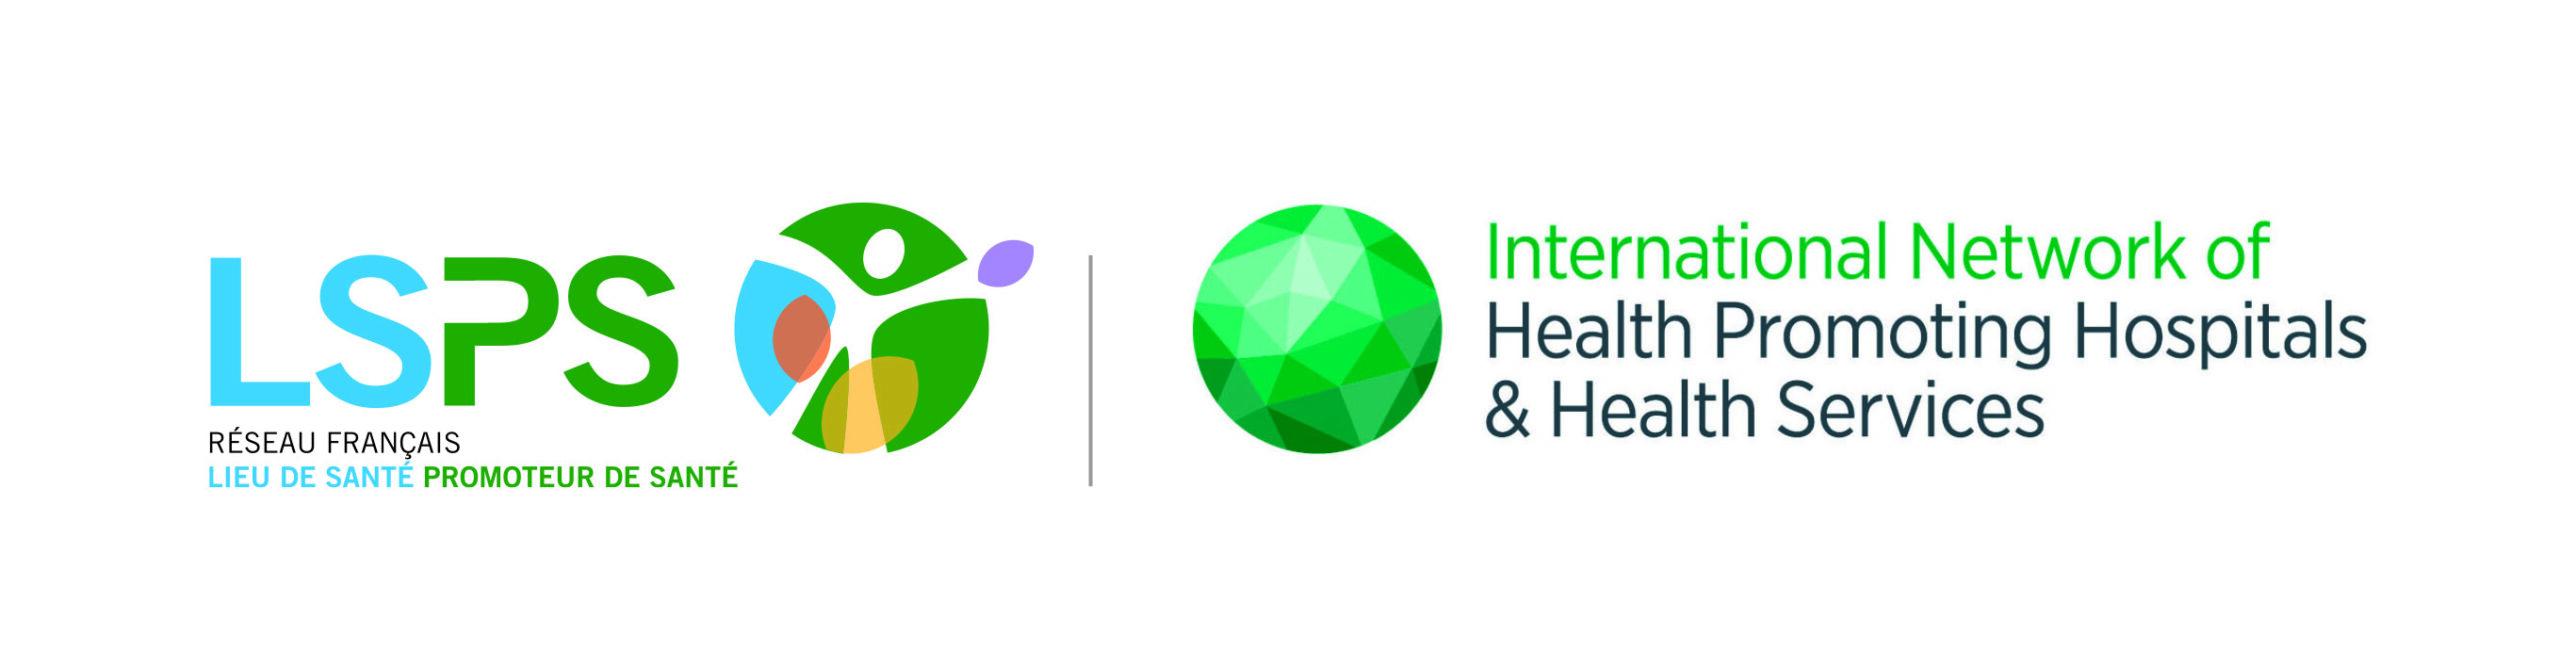 Réseau Français – Lieu de santé Promoteur de santé